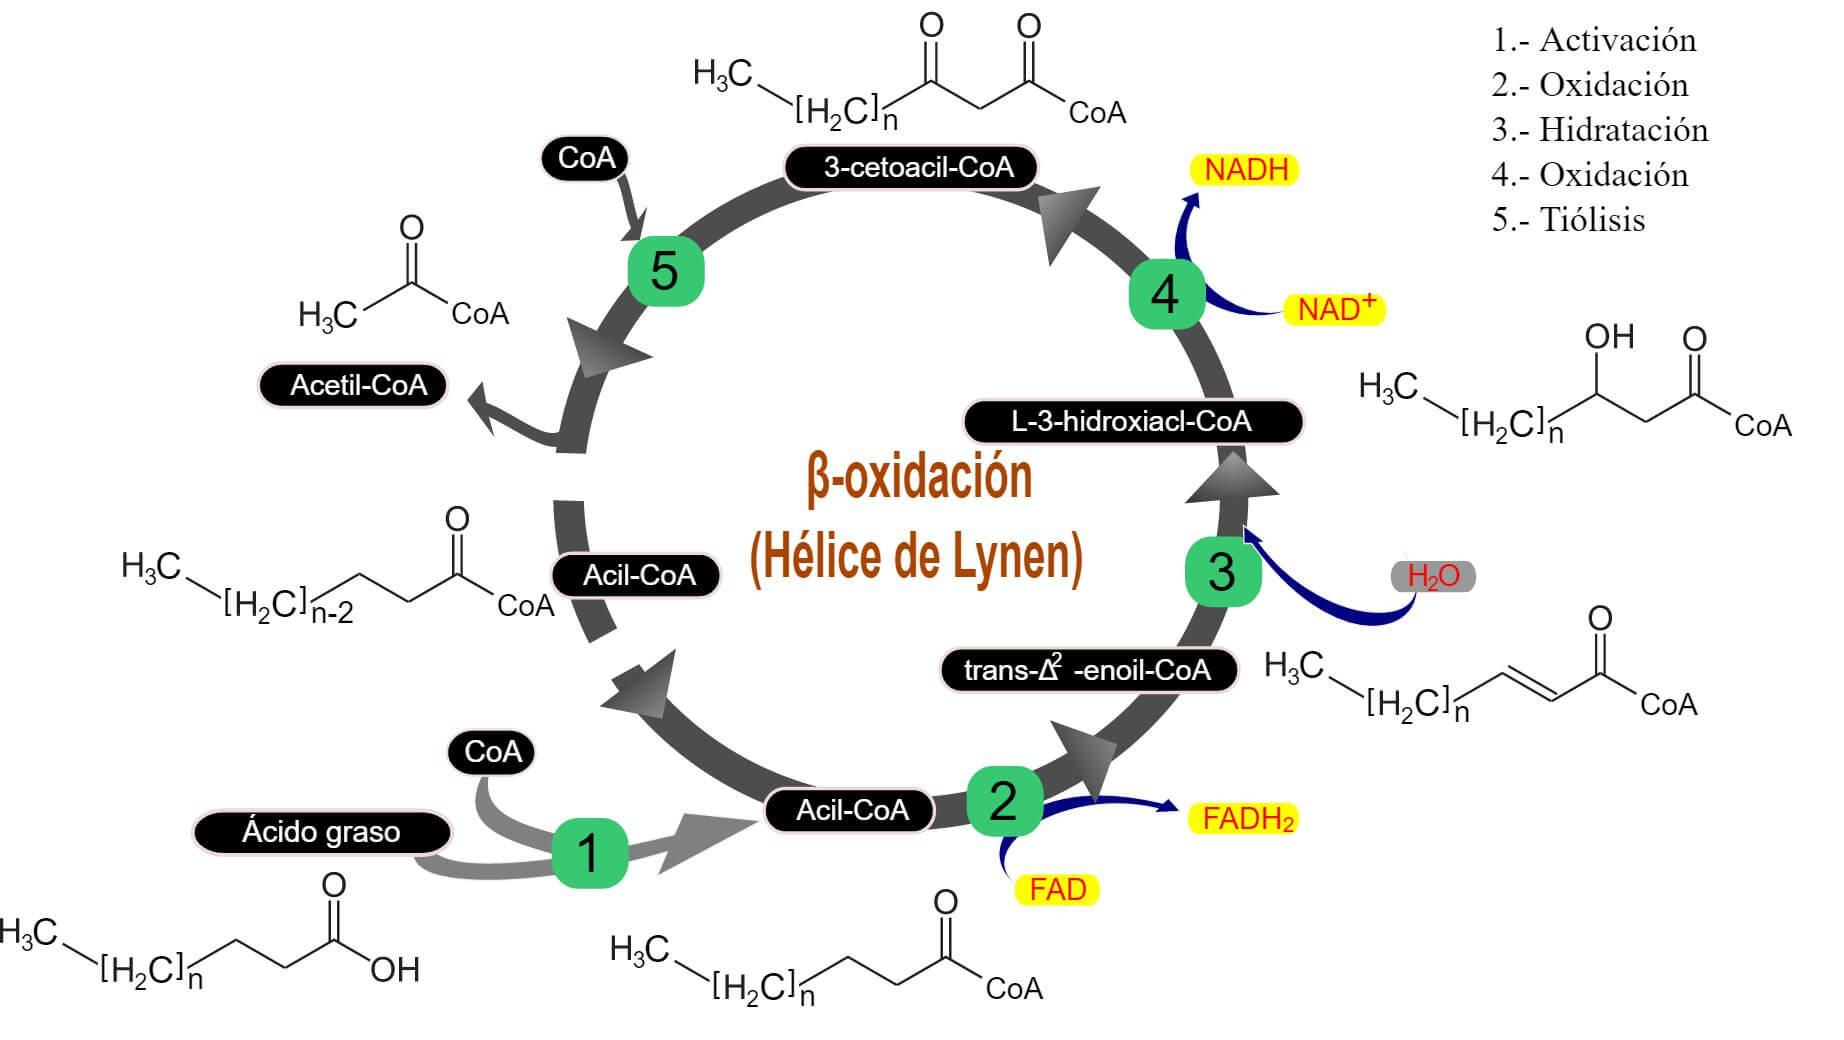 Beta Oxidación